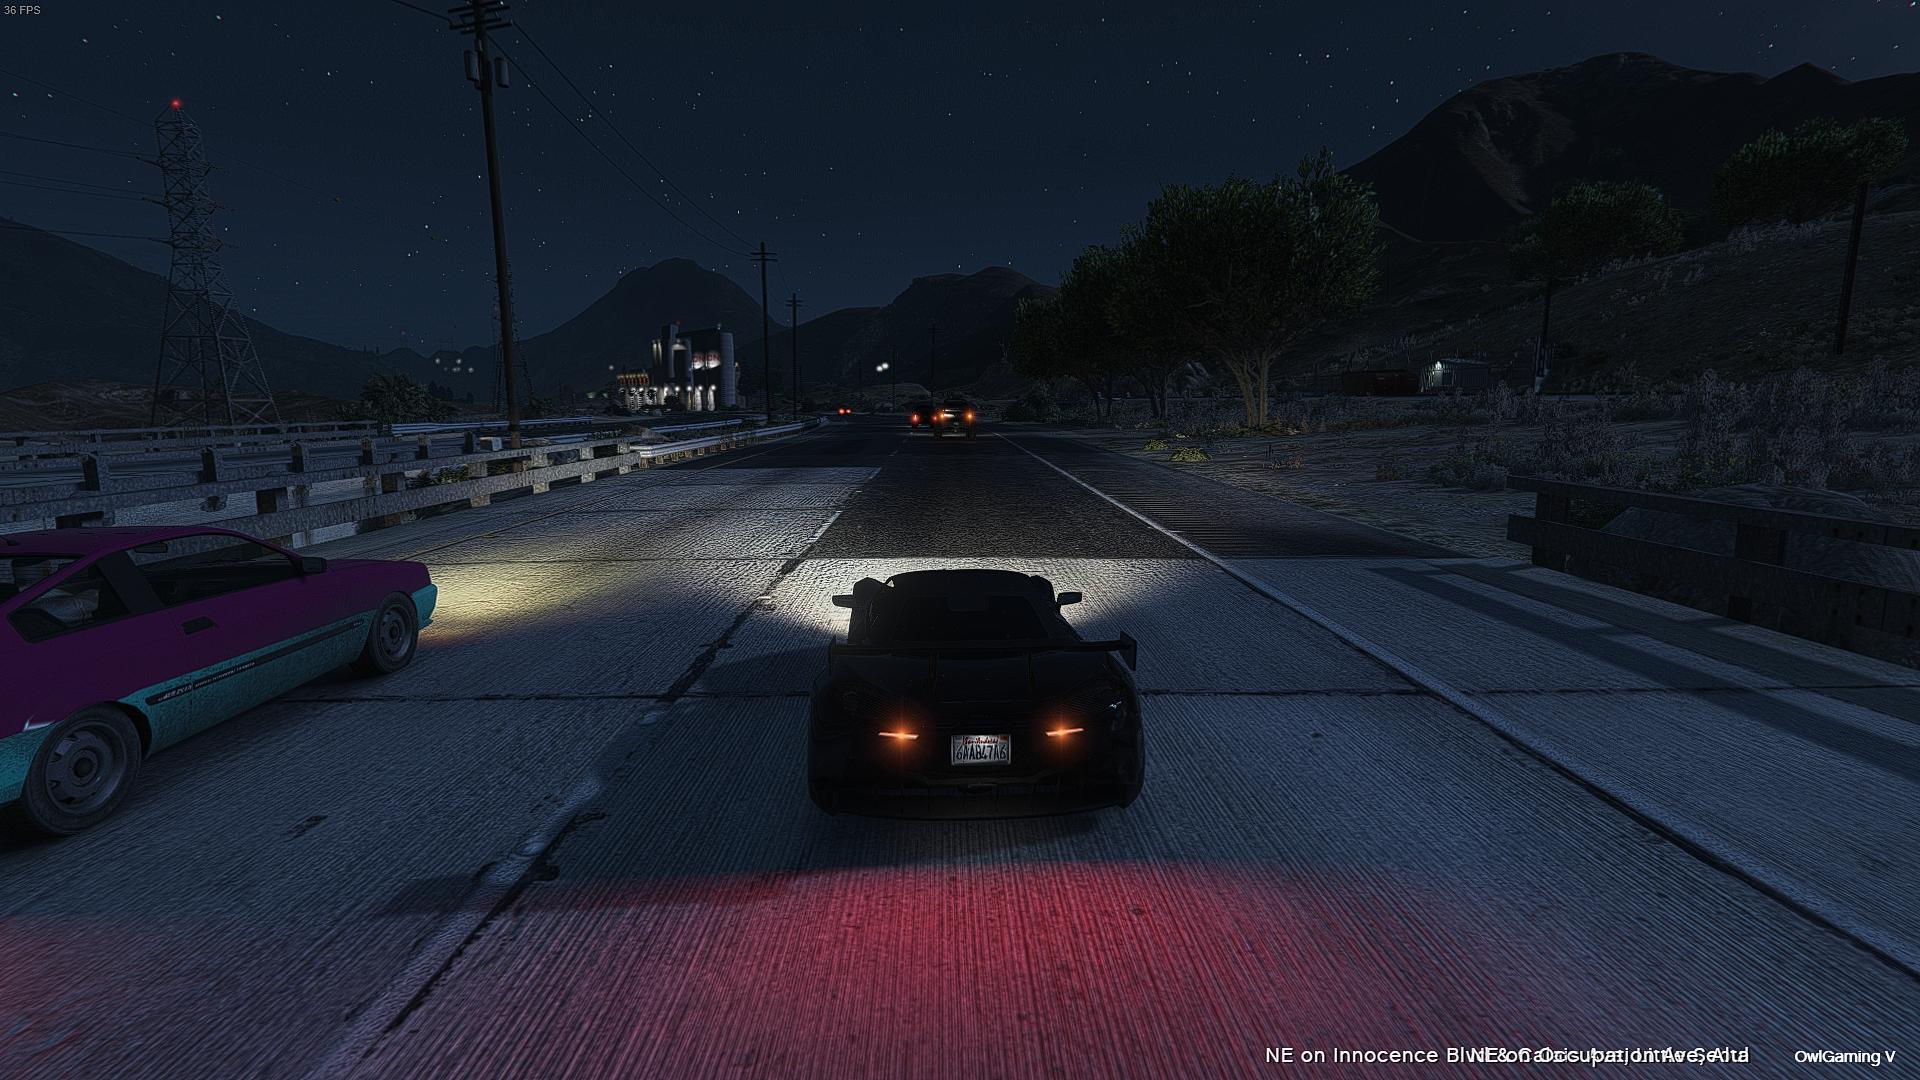 Grand_Theft_Auto_V_Screenshot_2020.05.05